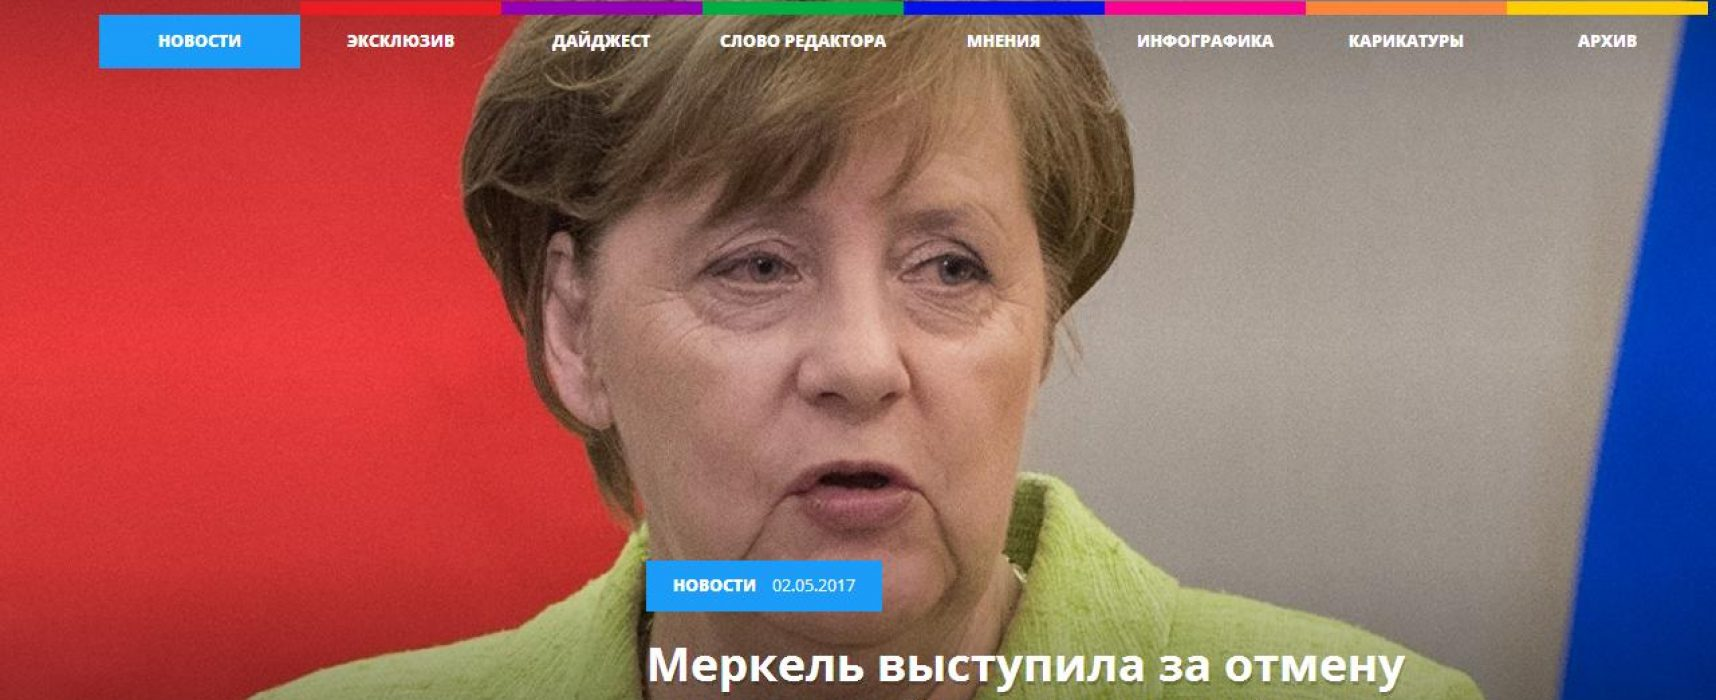 Fejk: Merkel w Soczi wystąpiła za zniesienie sankcji wobec Rosji